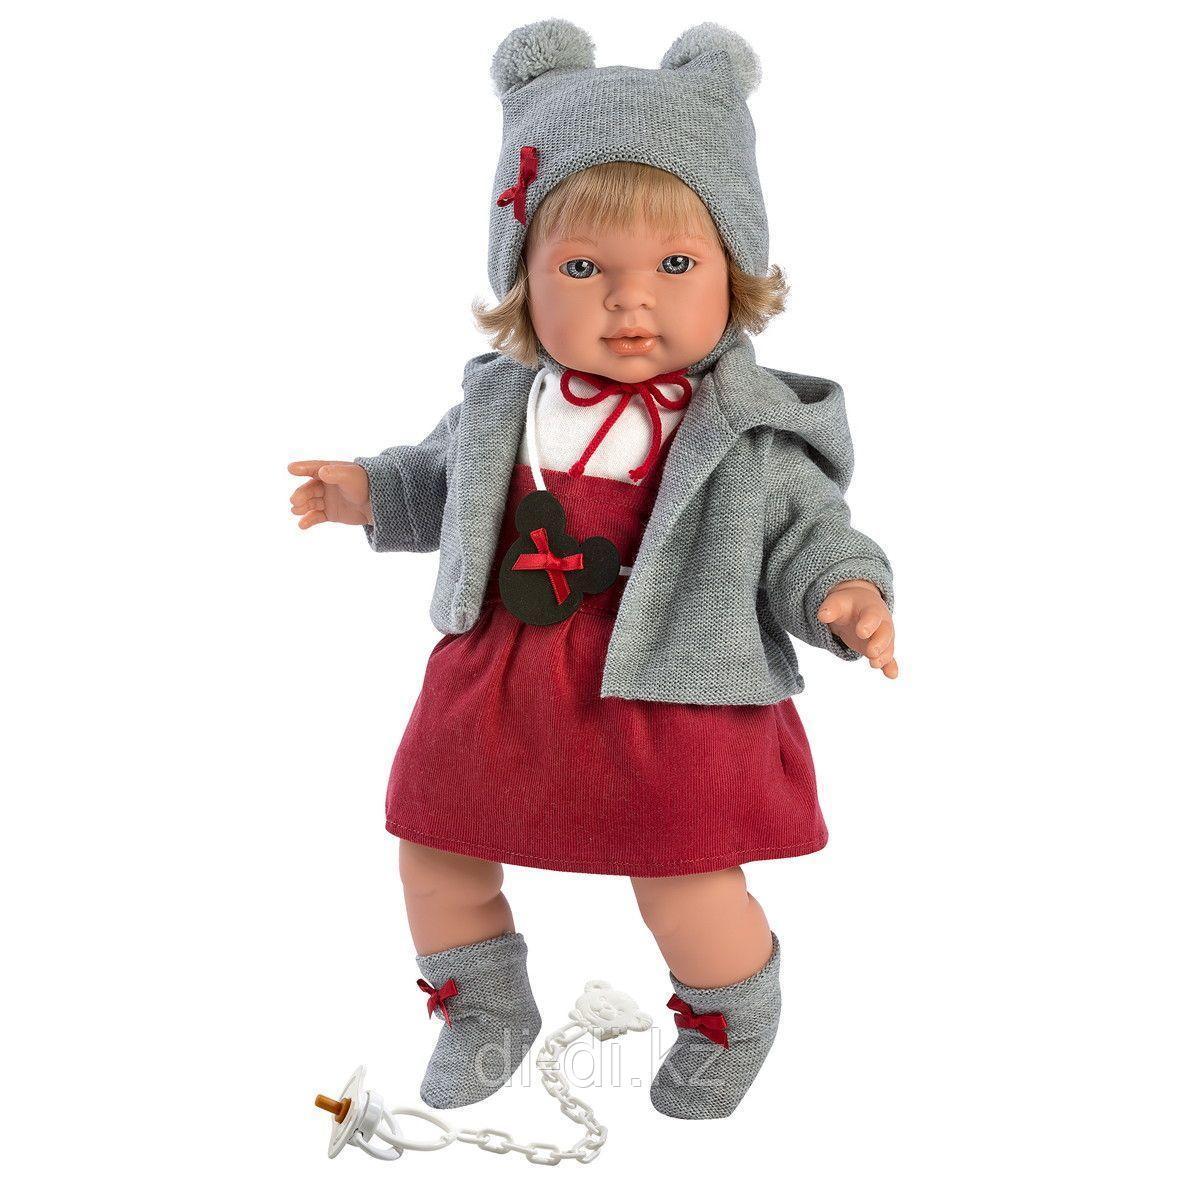 LLORENS Кукла Карла 42 см, блондинка в серой курточке и красном сарафане